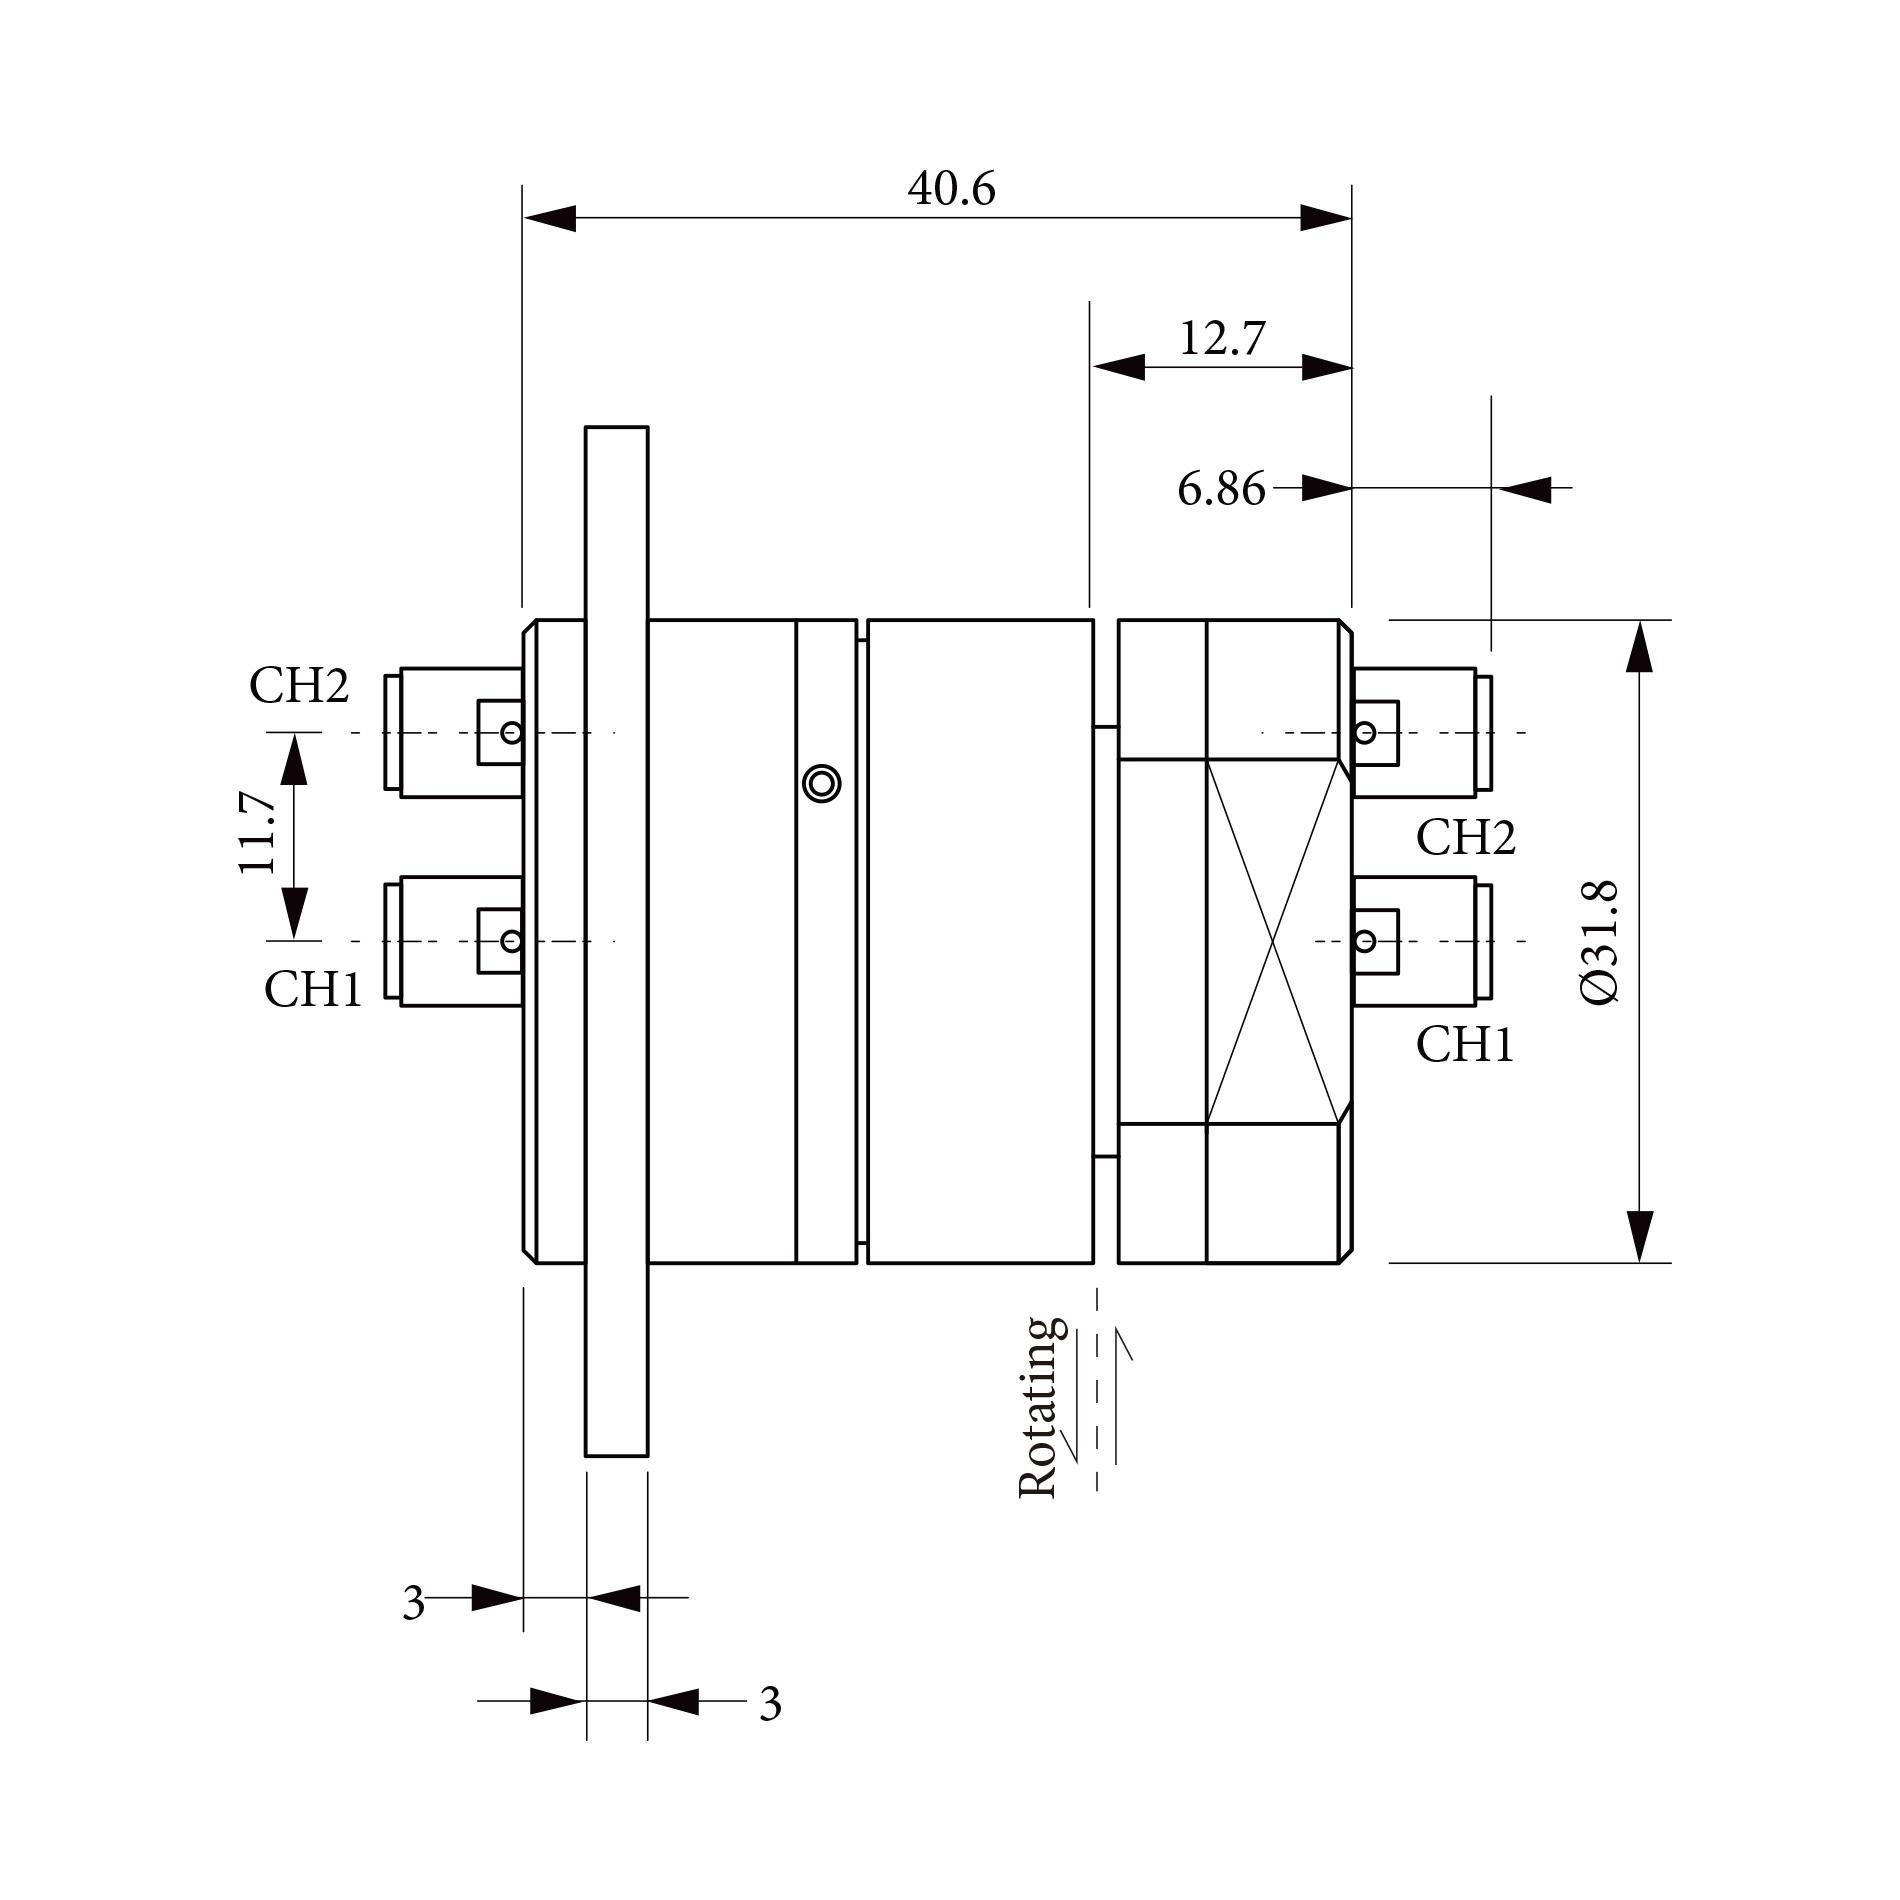 双路同轴旋转关节RJ518222 1CH:DC to 18 GHz   2CH:DC to 2 GHz   2  to 4 GHz